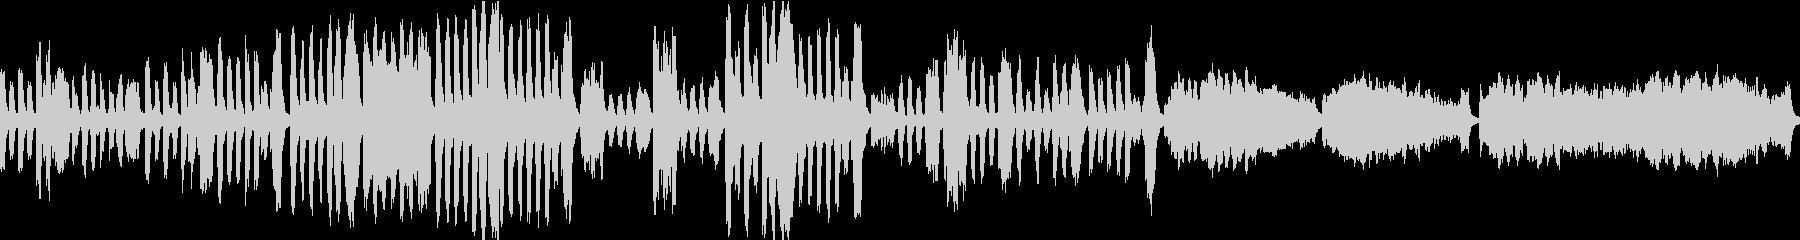 アニメっぽいオーケストラで 貴婦人の乗馬の未再生の波形